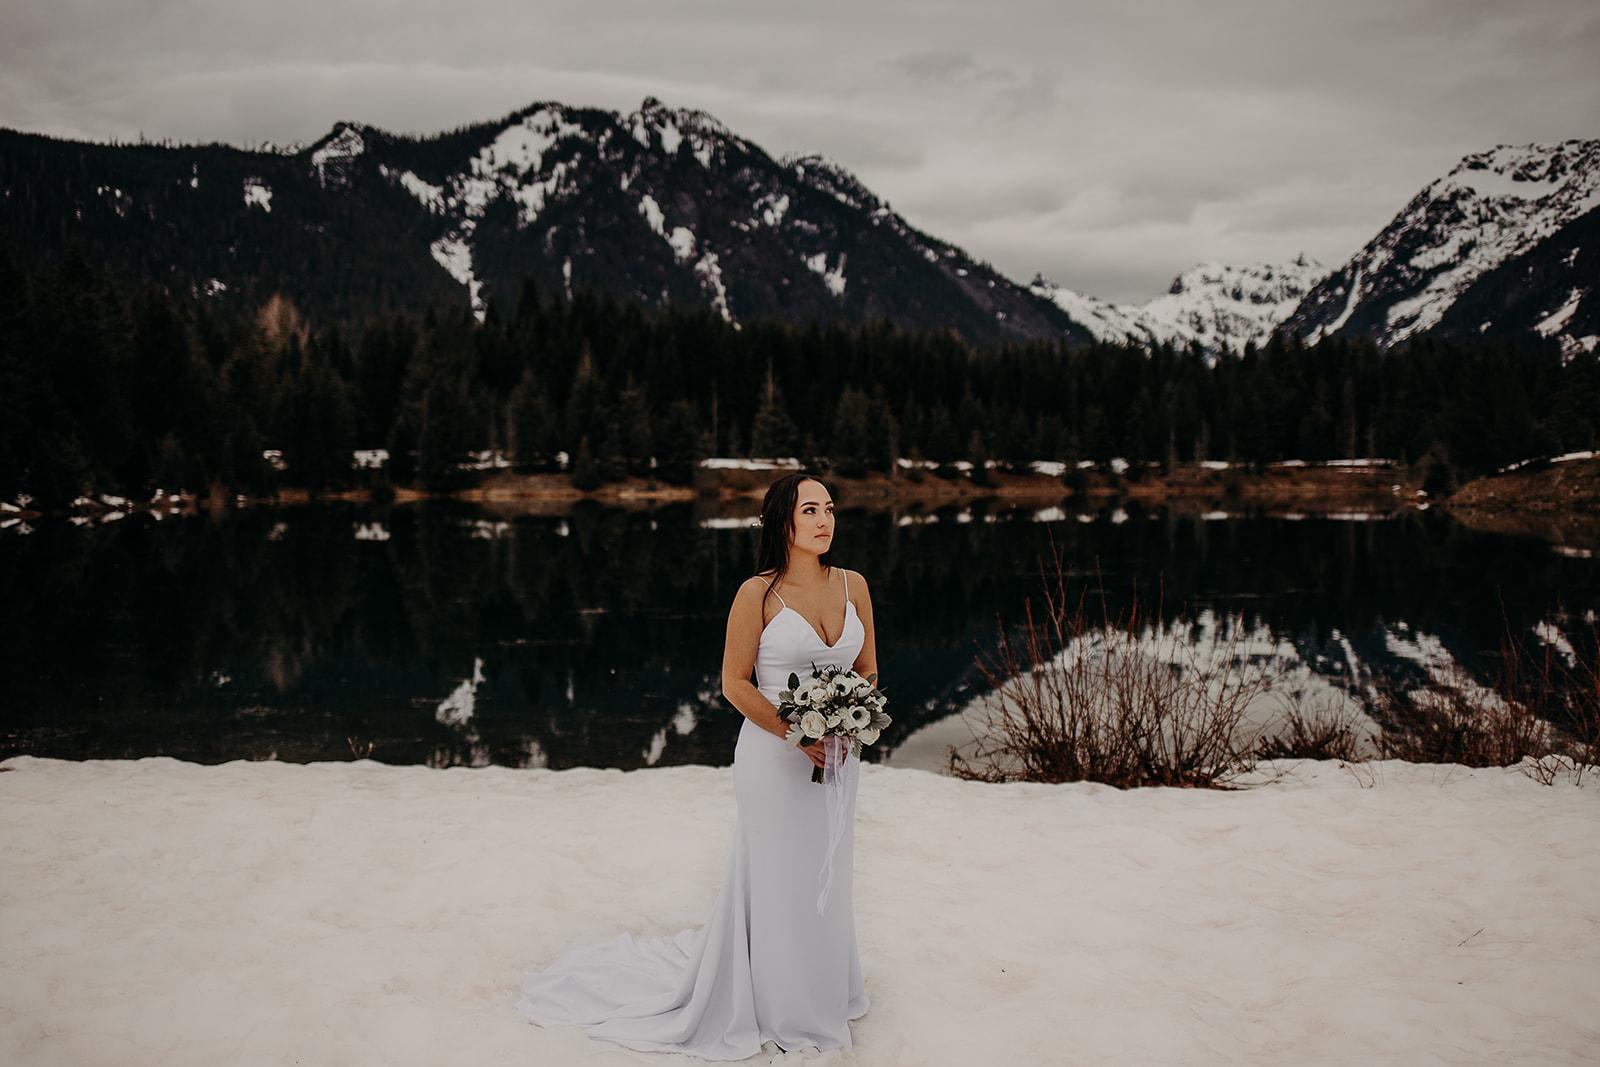 winter-mountain-elopement-asheville-wedding-photographer-megan-gallagher-photographer (41).jpg